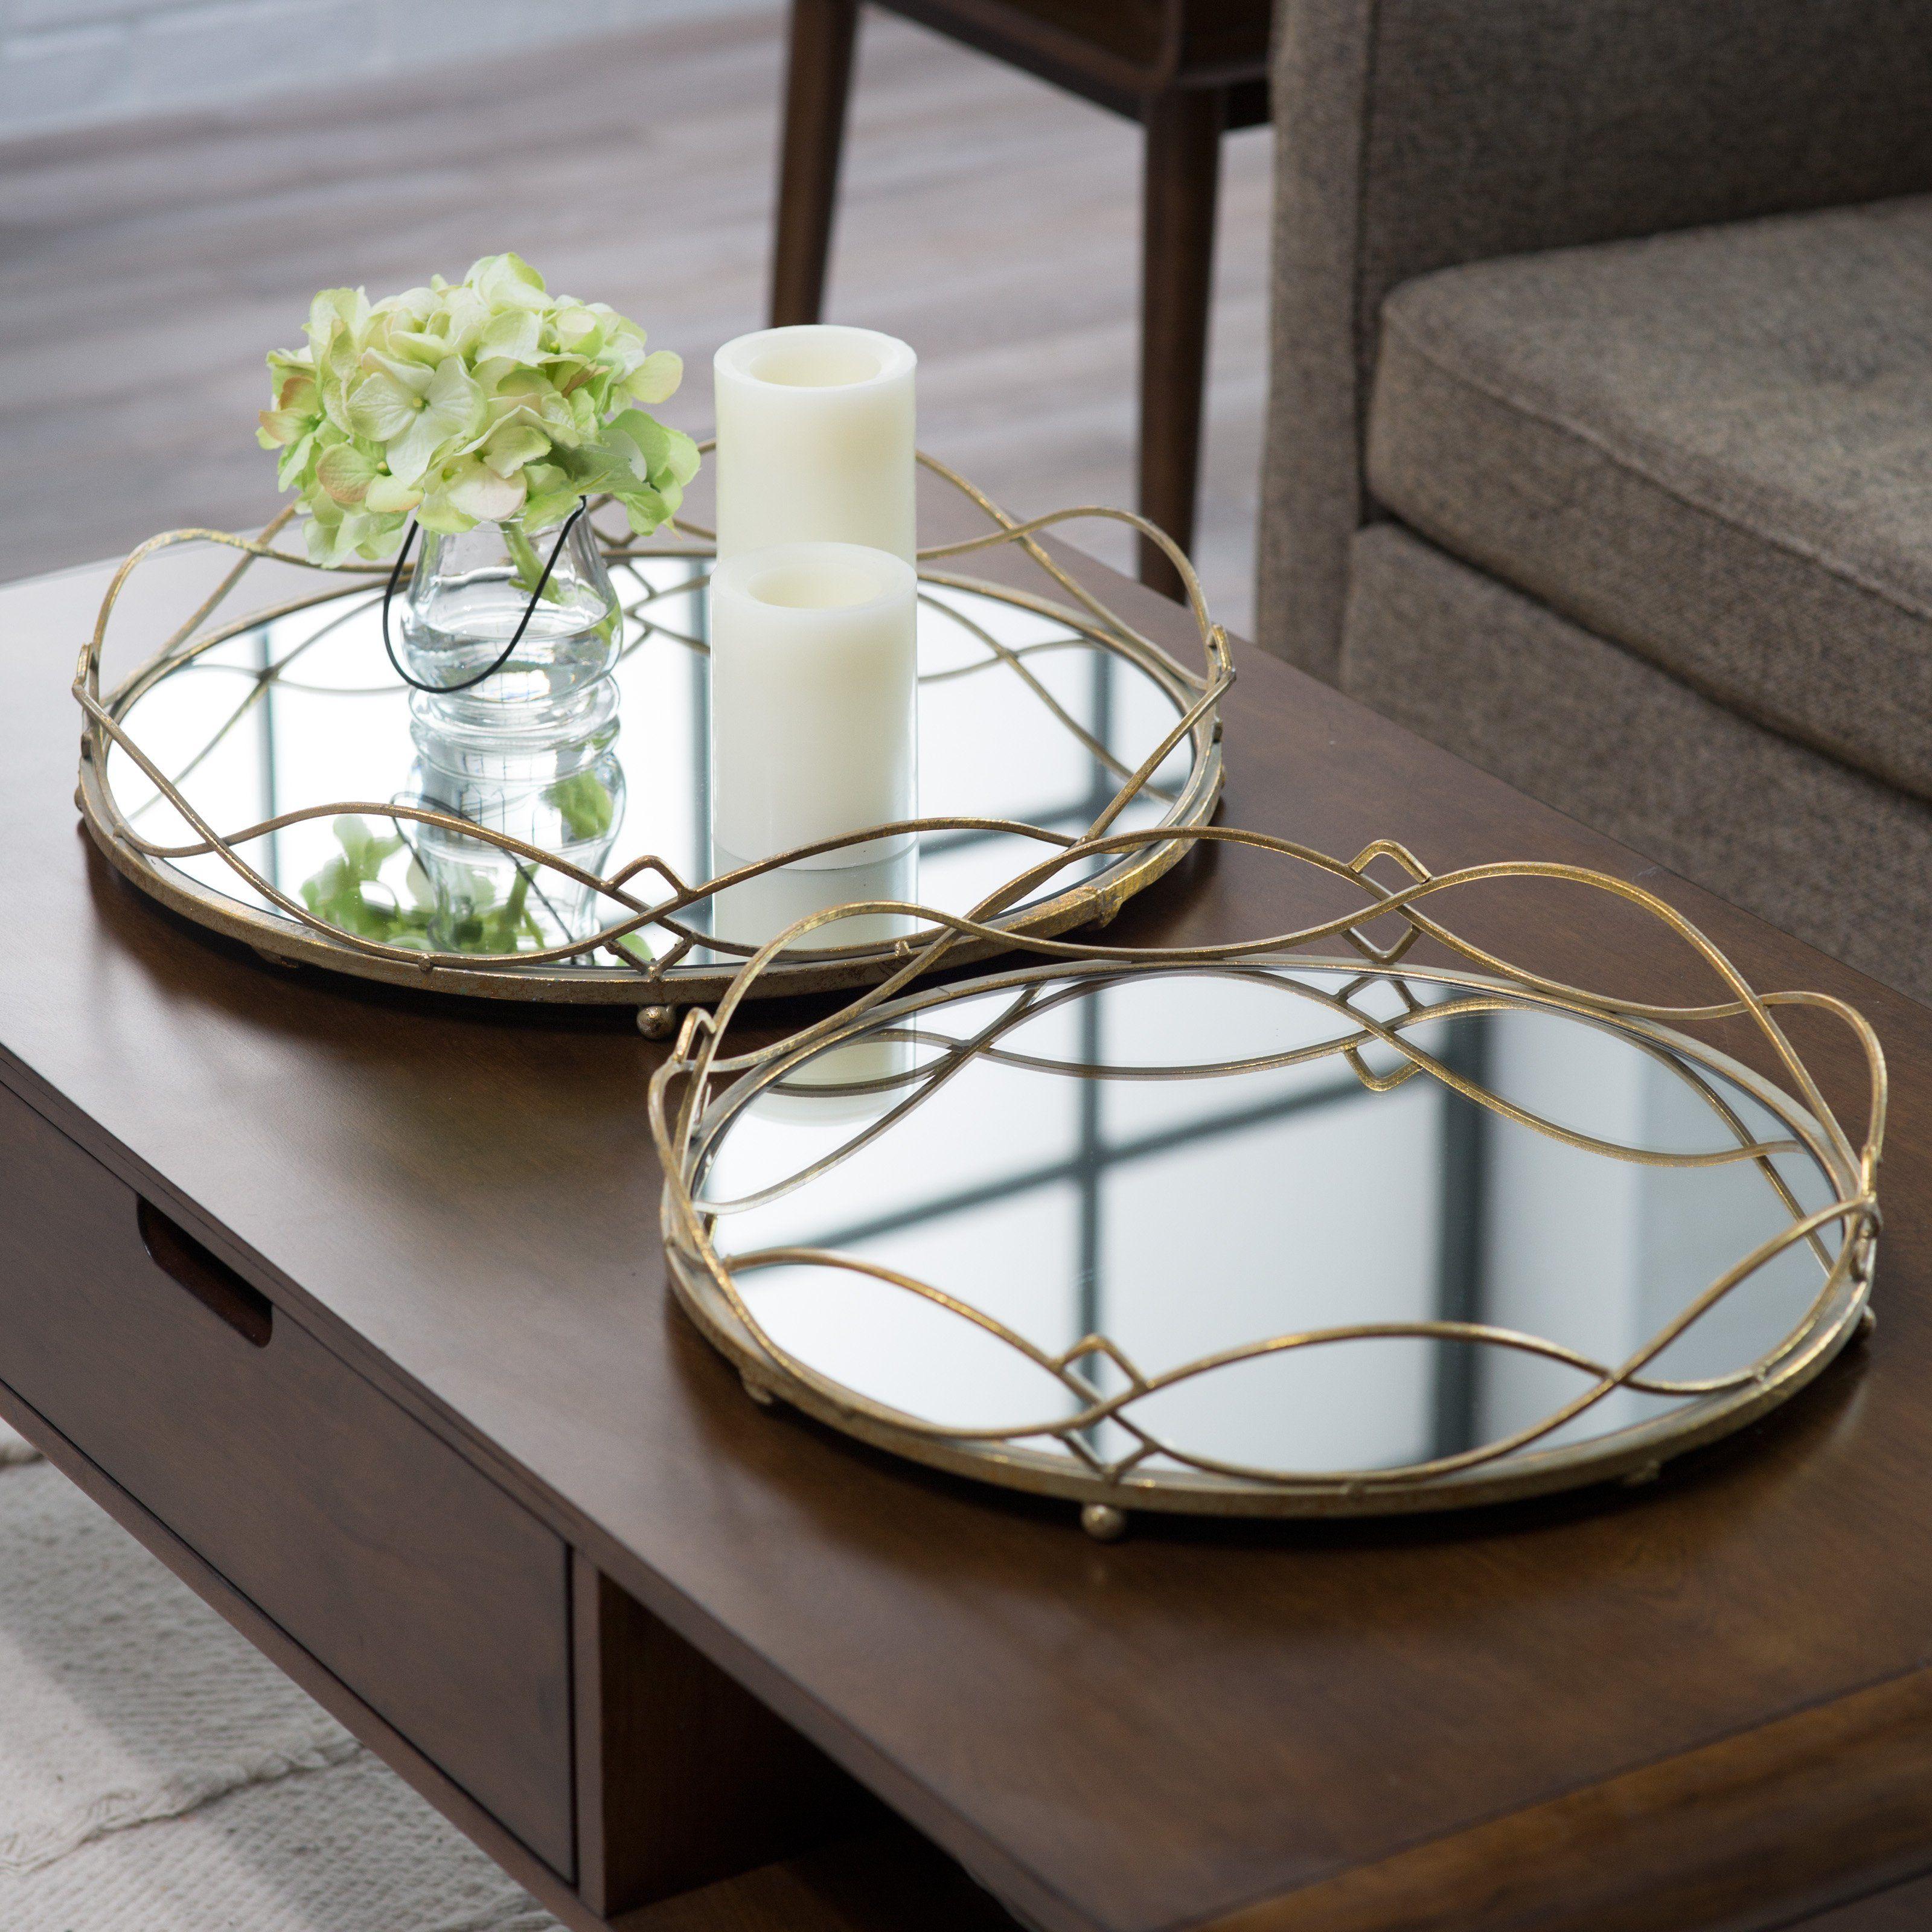 Rockdale Mirrored Tray Set Of 2 Www Hayneedle Com Mirror Tray Mirror Tray Decor Serving Tray Decor